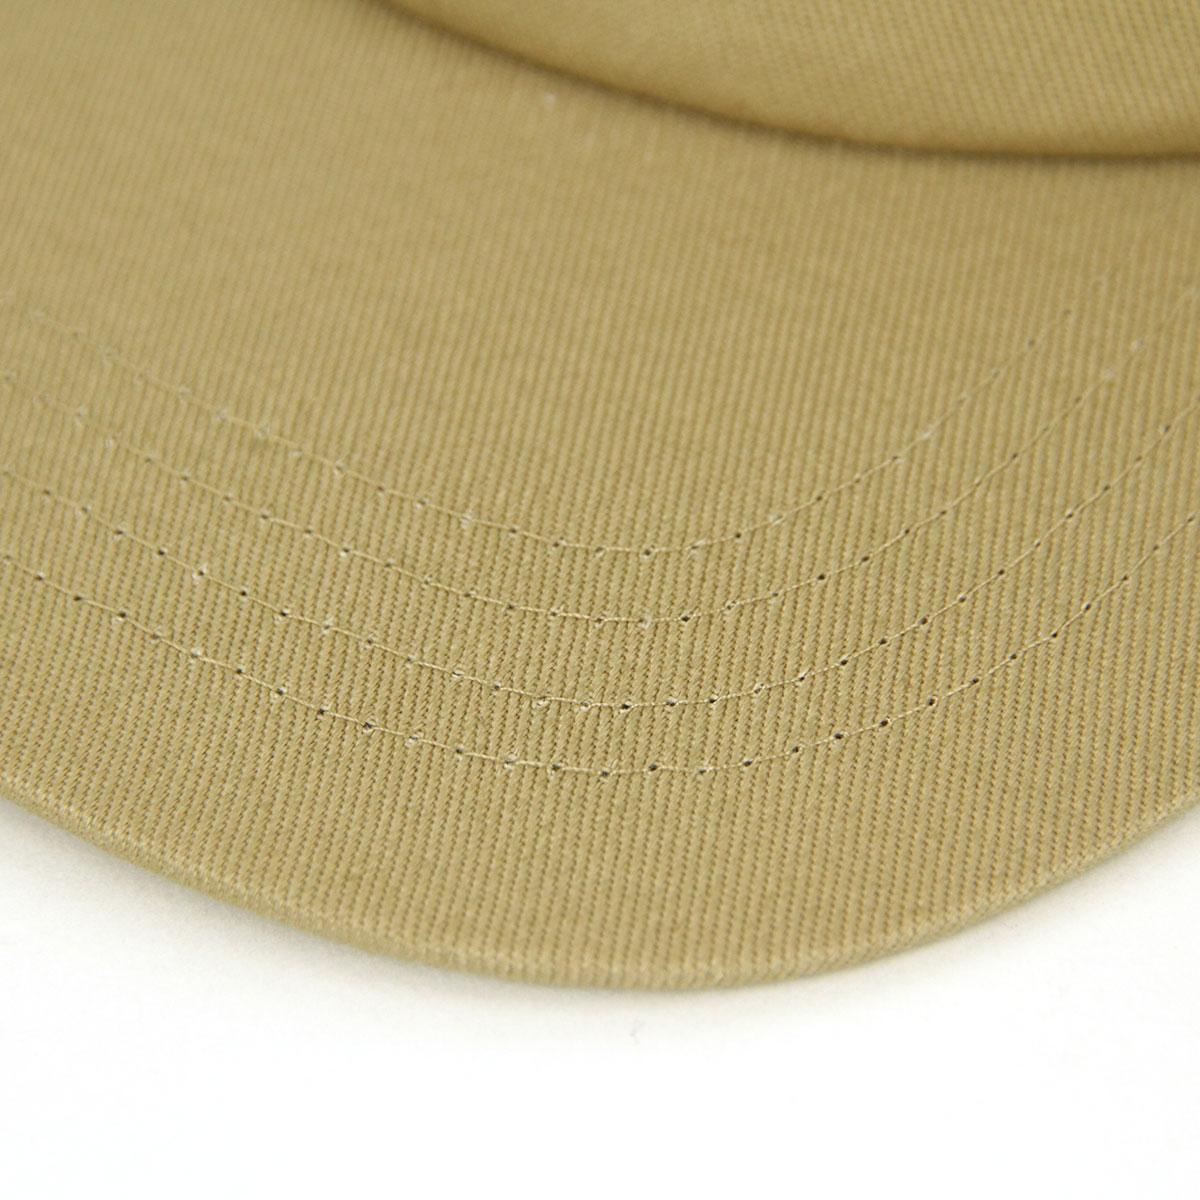 ポーラー キャップ メンズ レディース 正規販売店 POLER 帽子 FURRYFONT 6PANEL CAP 55100003-BEIGE A79B B3C C3D D4E E18F